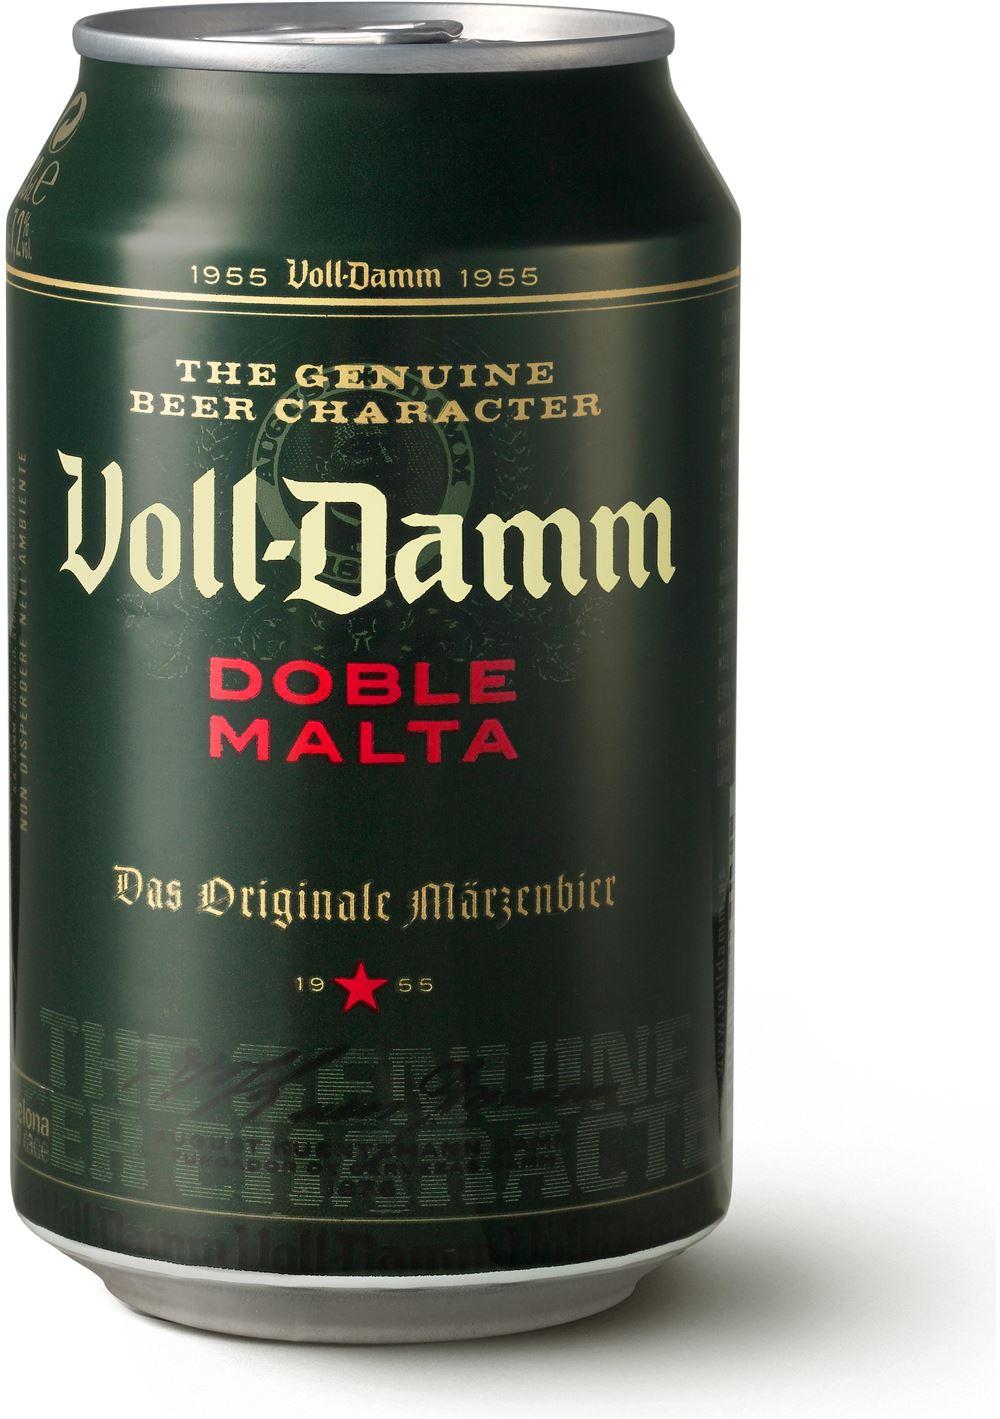 VOLL+DAMM+LATA